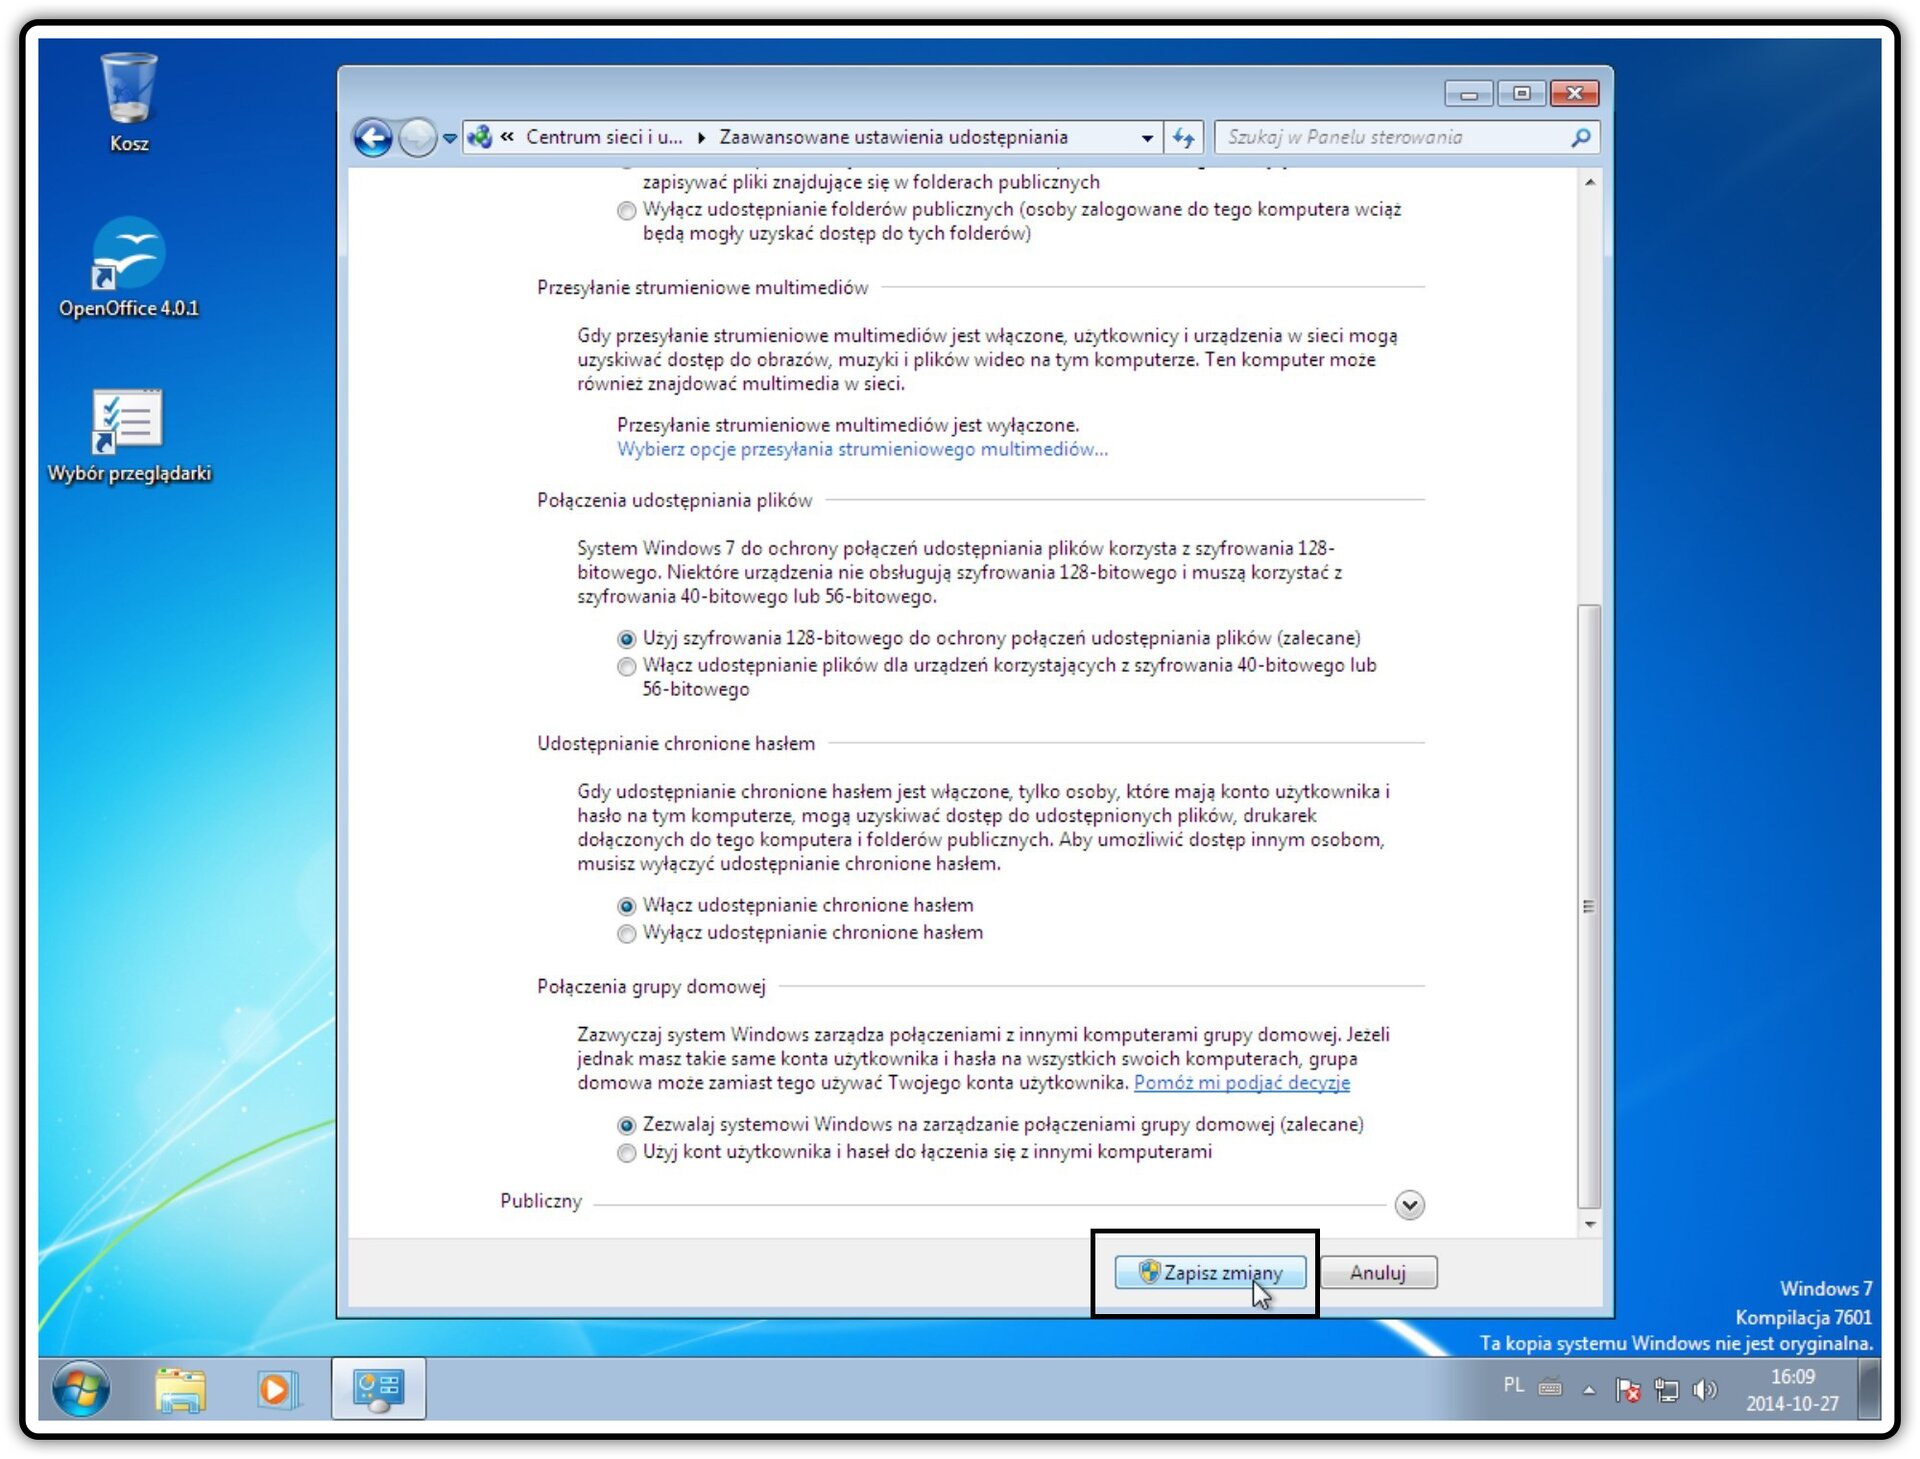 Ilustracja przedstawiająca: Krok 7 konfigurowania ustawień udostępniania wsystemie Windows